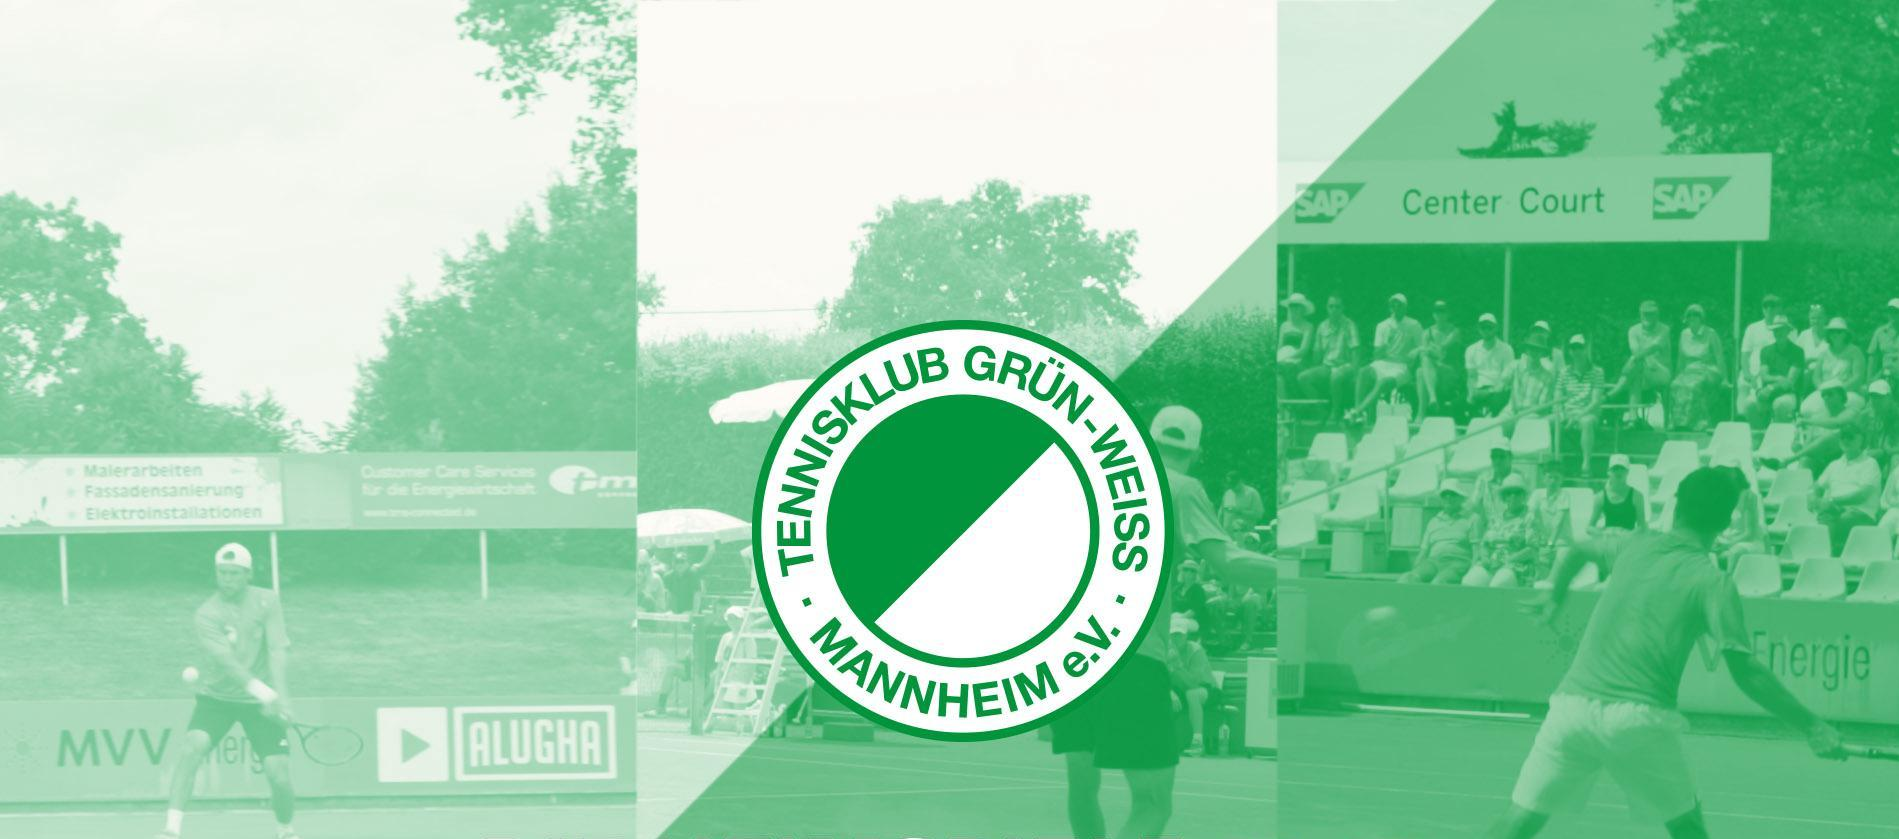 Gutschein für eine Tennis-Trainingsstunde mit Herrn 1. Bürgermeister Christian Specht